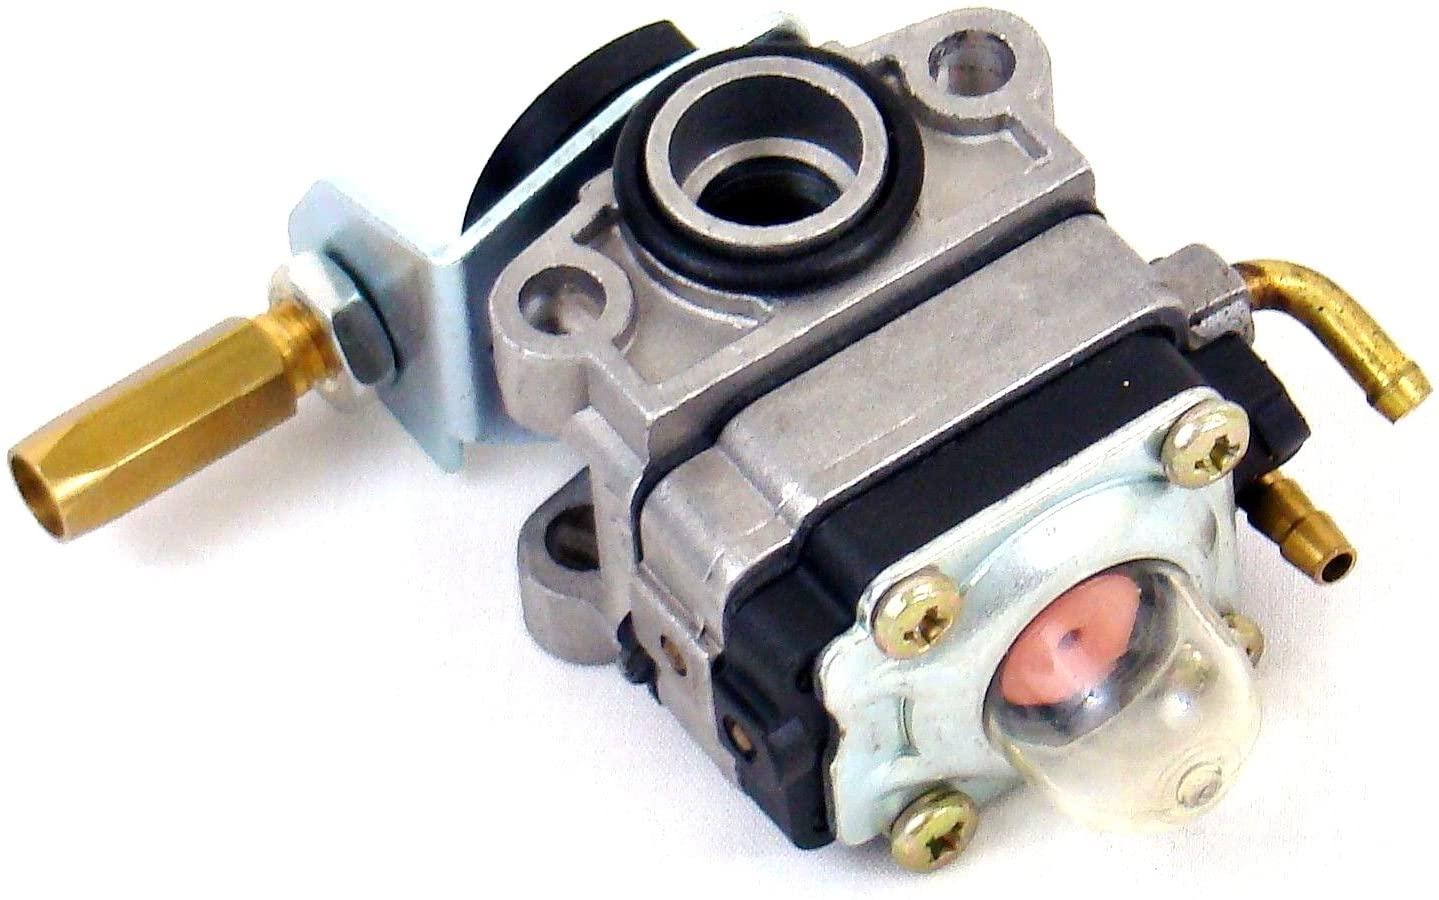 Carburettor Carb For HONDA GX31 GX22 FG100 Little Wonder Mantis Tiller Engine